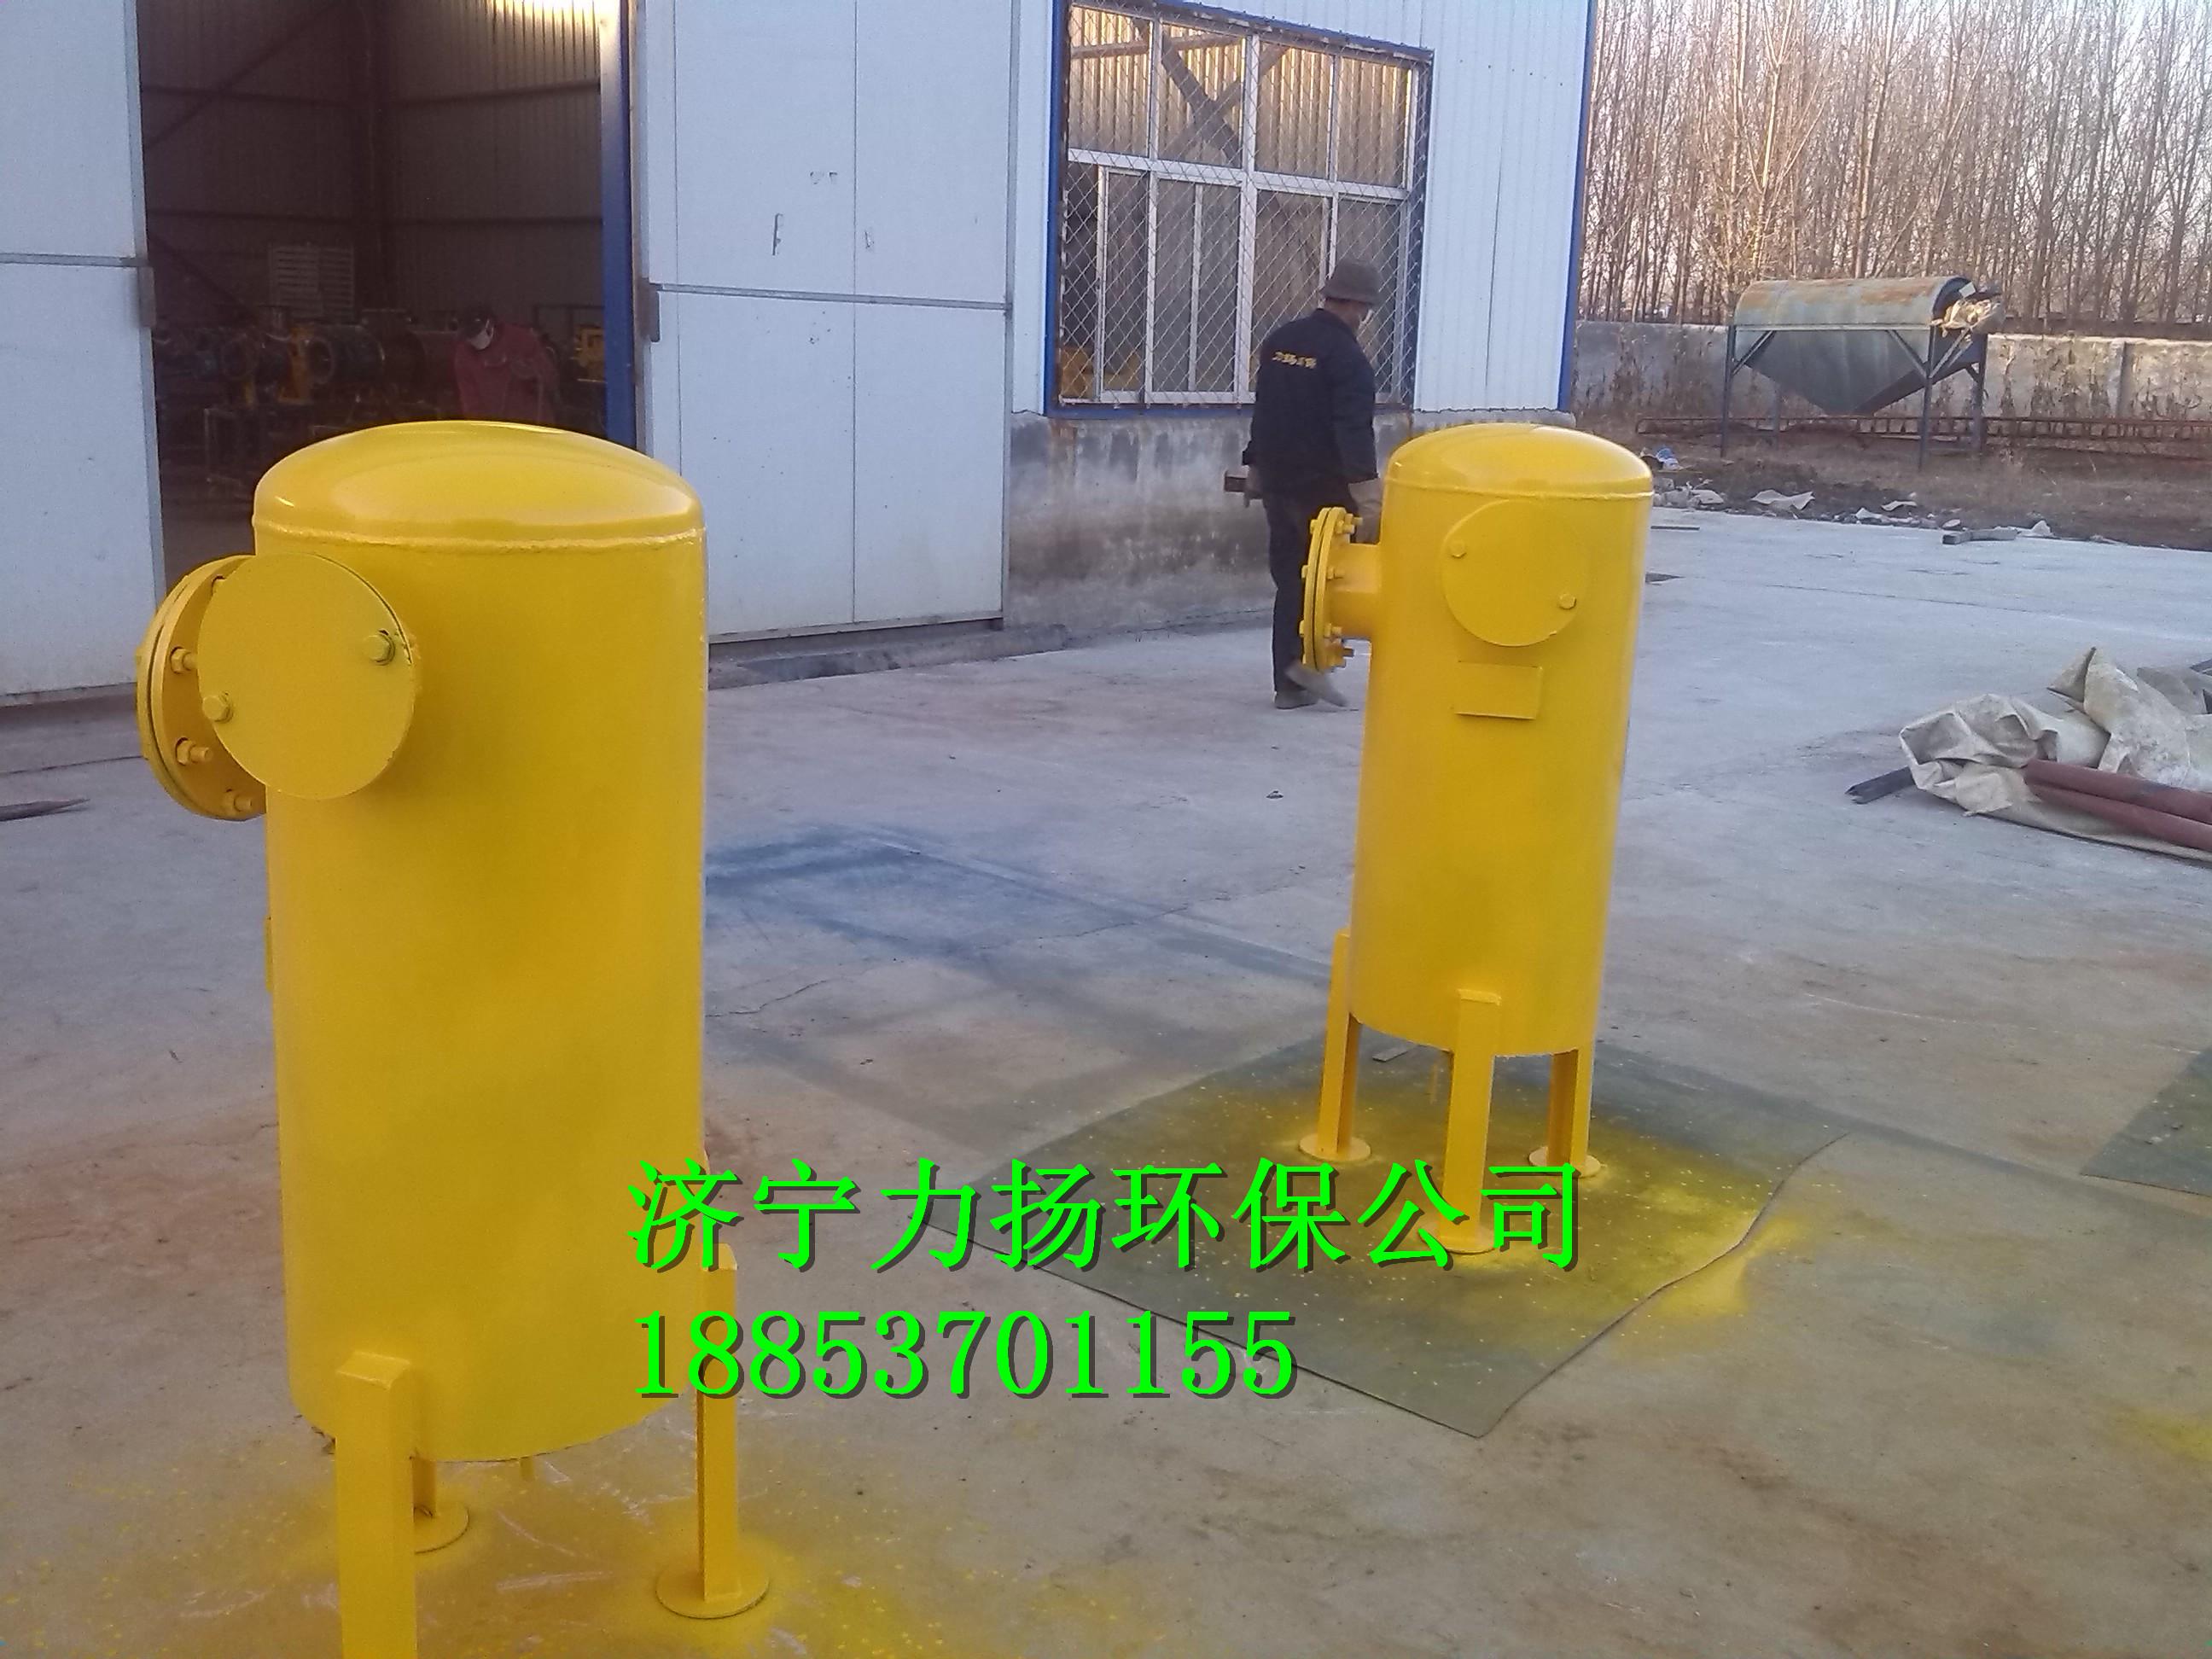 小型沼气脱硫器的日常维护方法